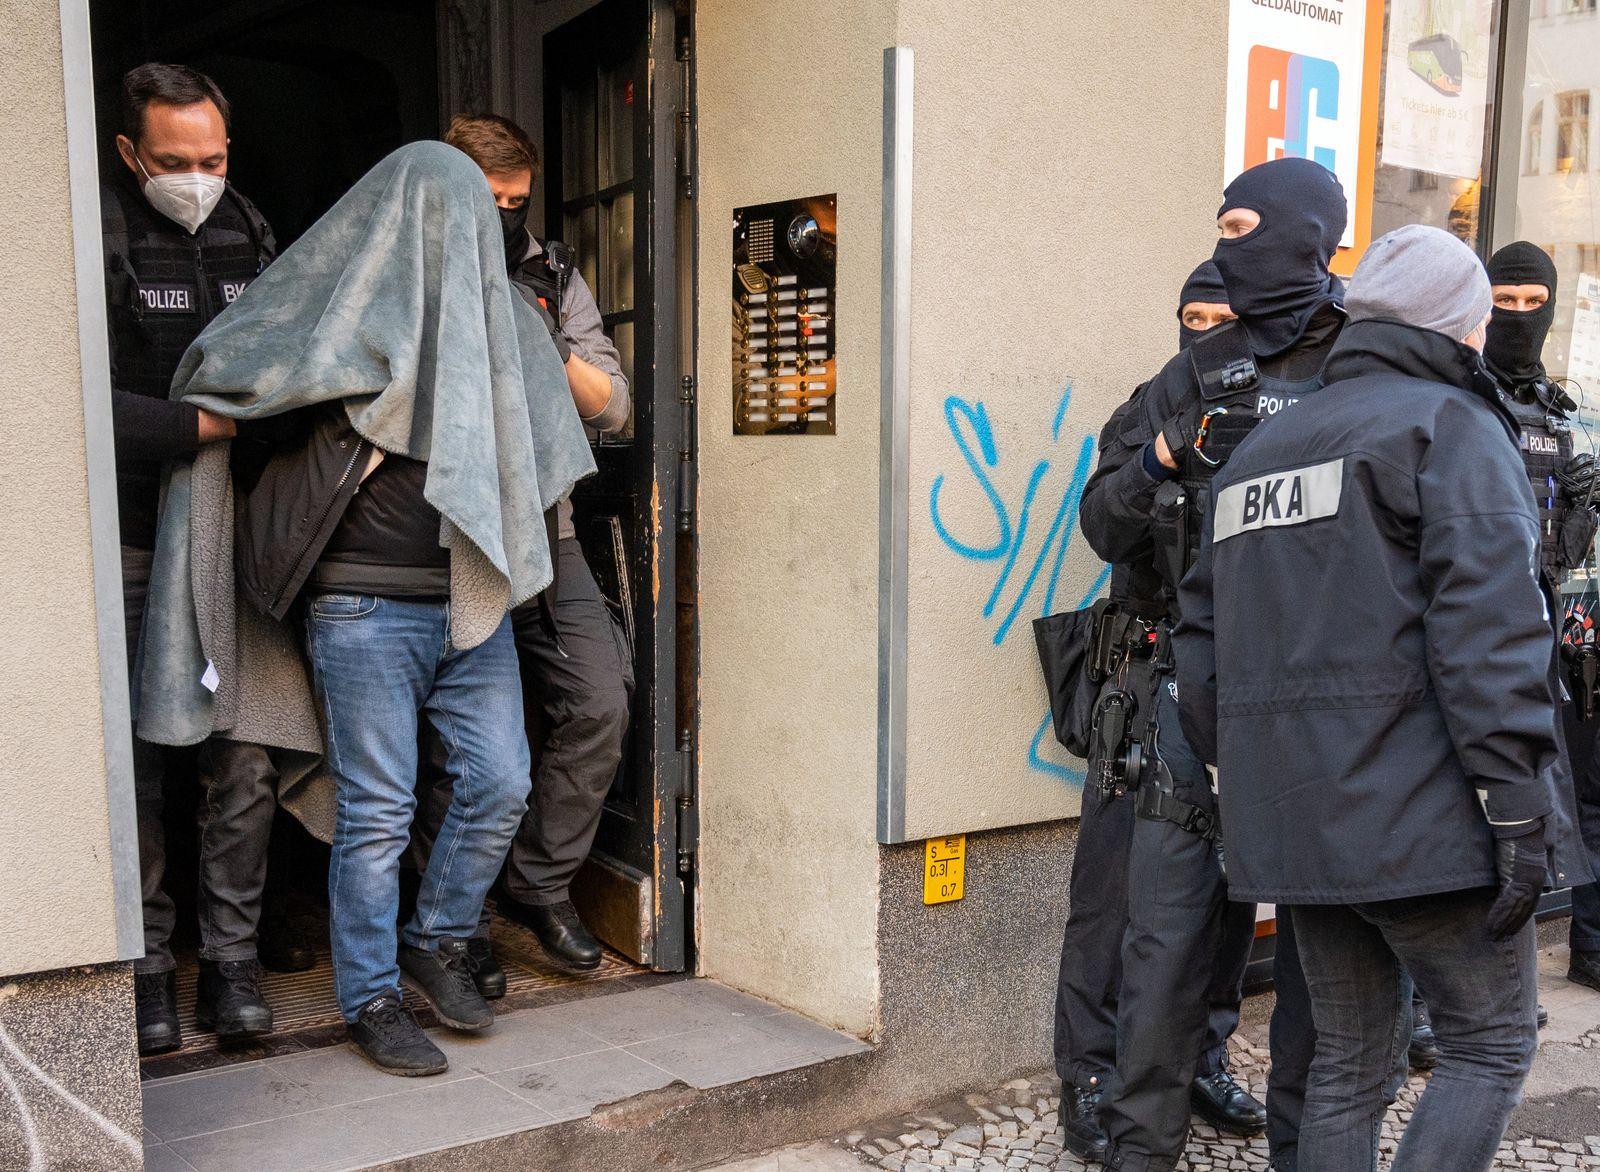 Großrazzia gegen Clankriminalität - Drogen- und Waffenhandel